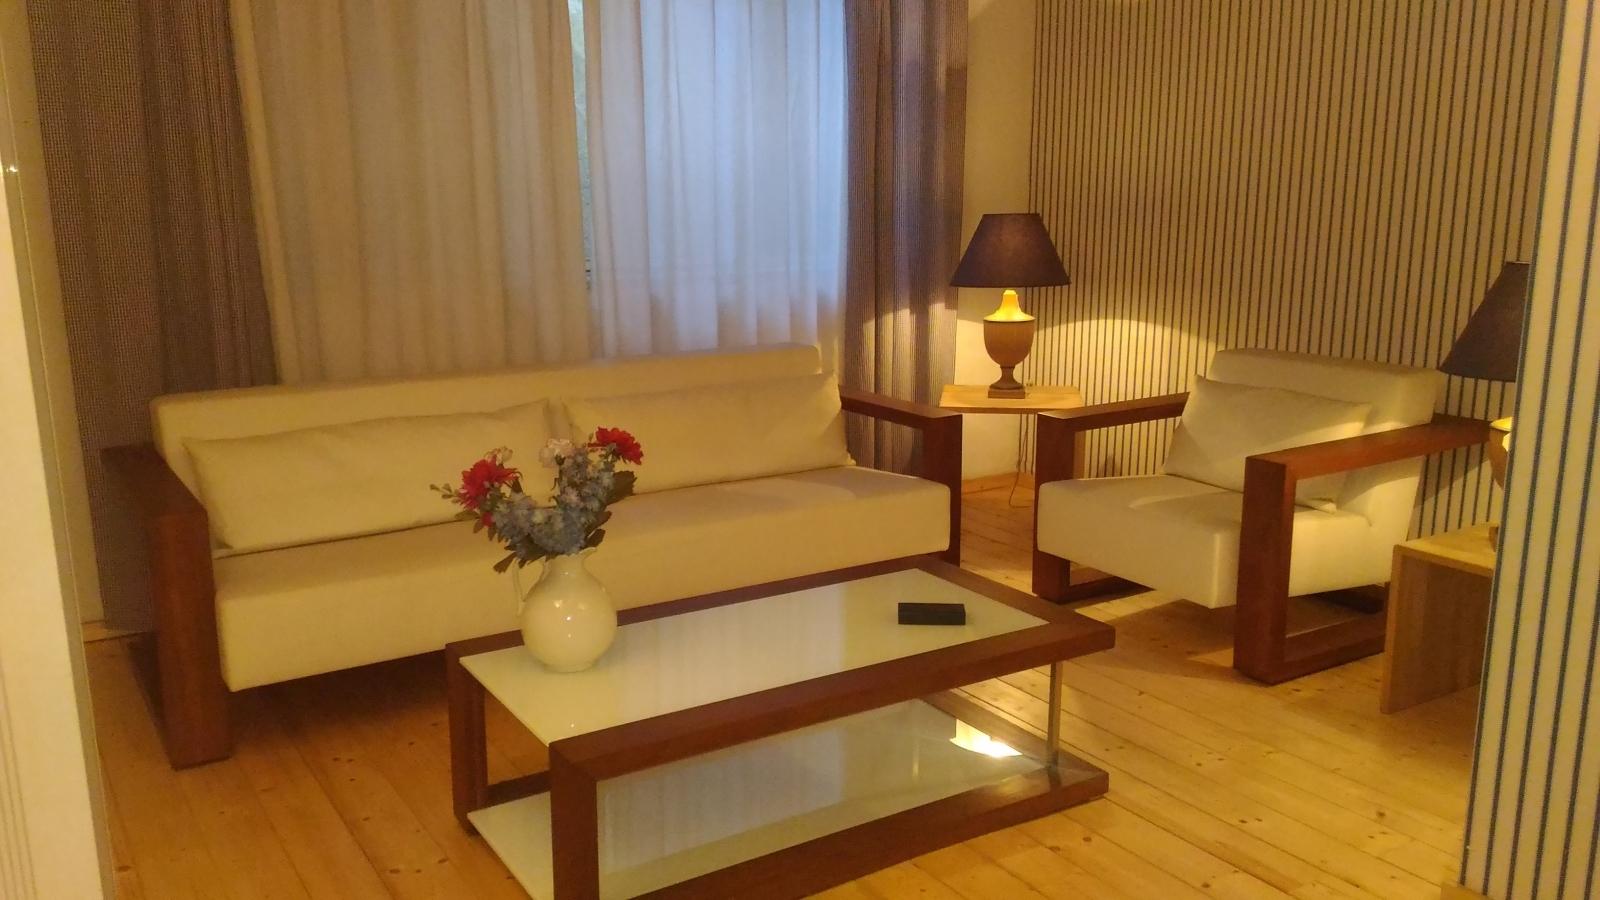 Divani divani 28 images divano chesterfield 3 posti - Dema cucine prezzi ...